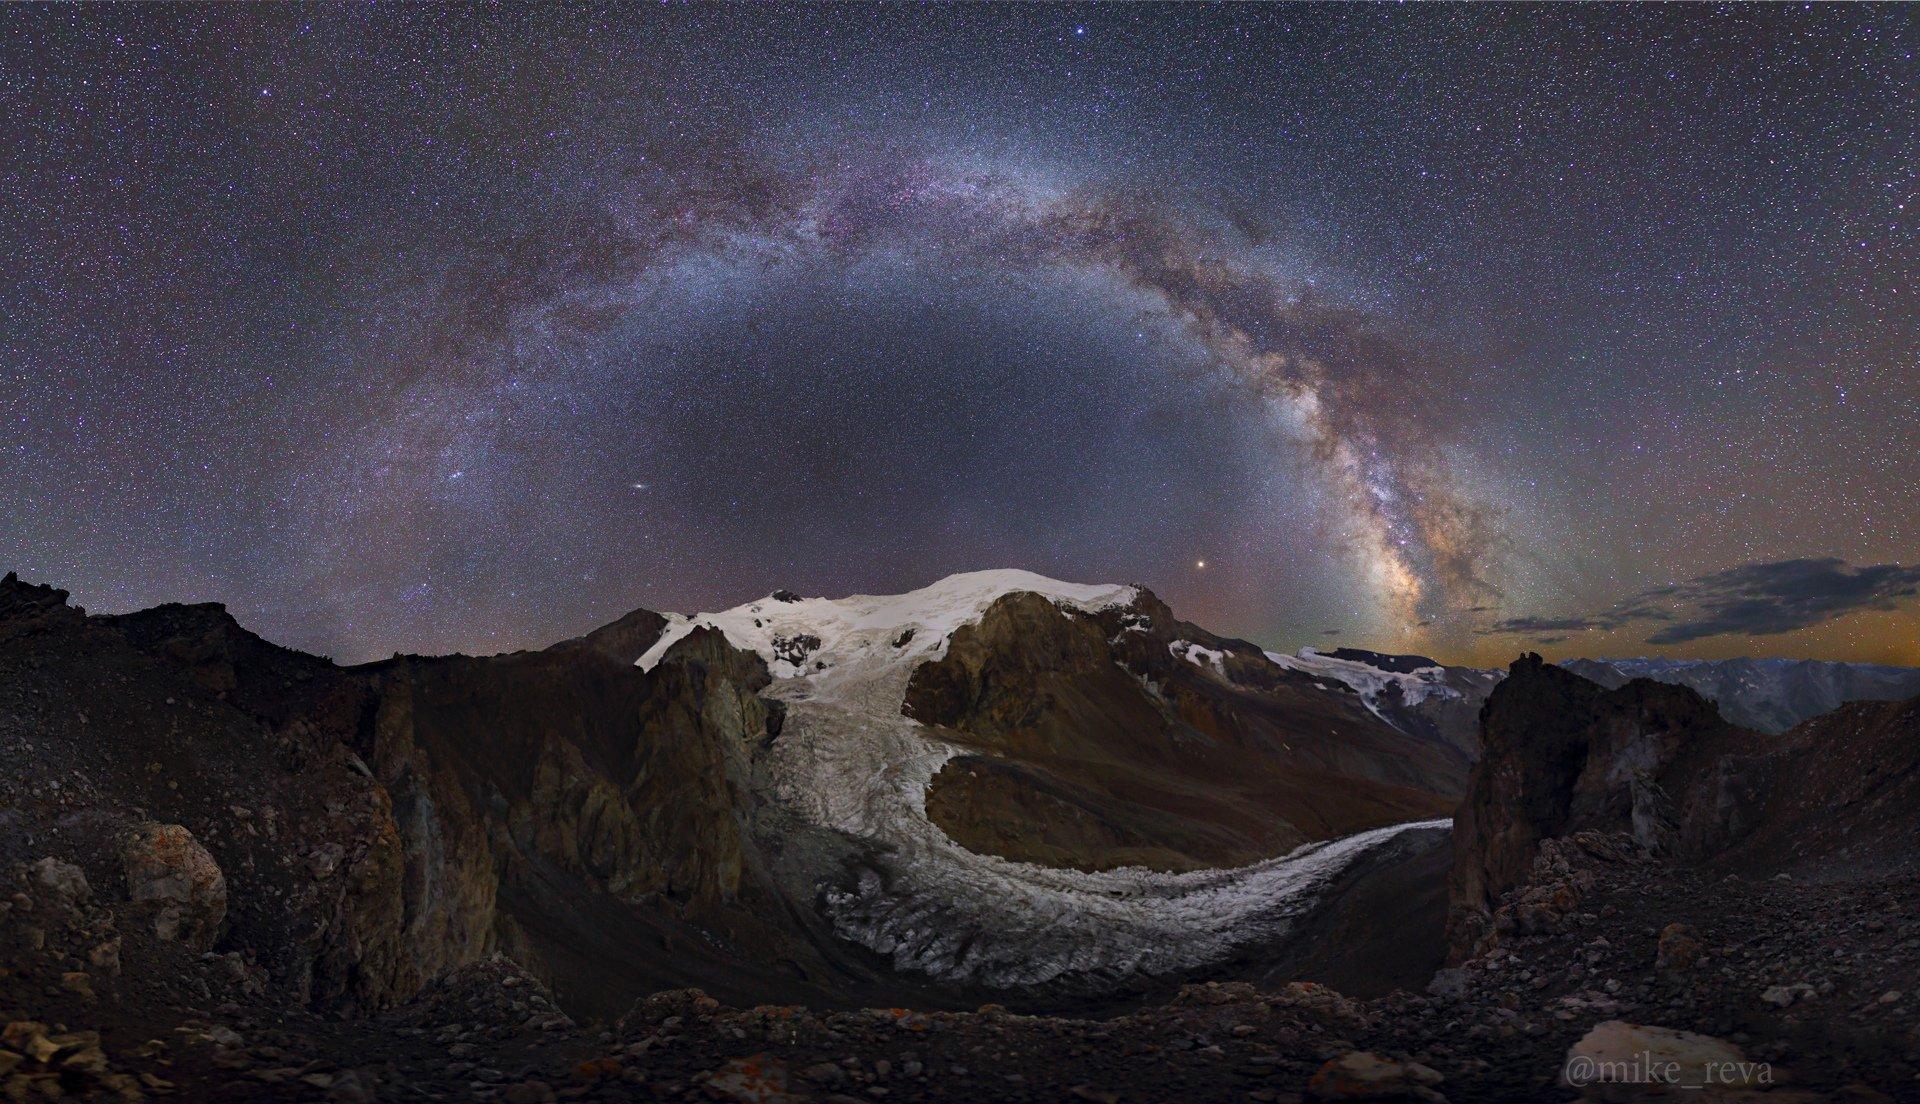 ночь эльбрус ночной пейзаж астрофотография звезды созвездия, Рева Михаил